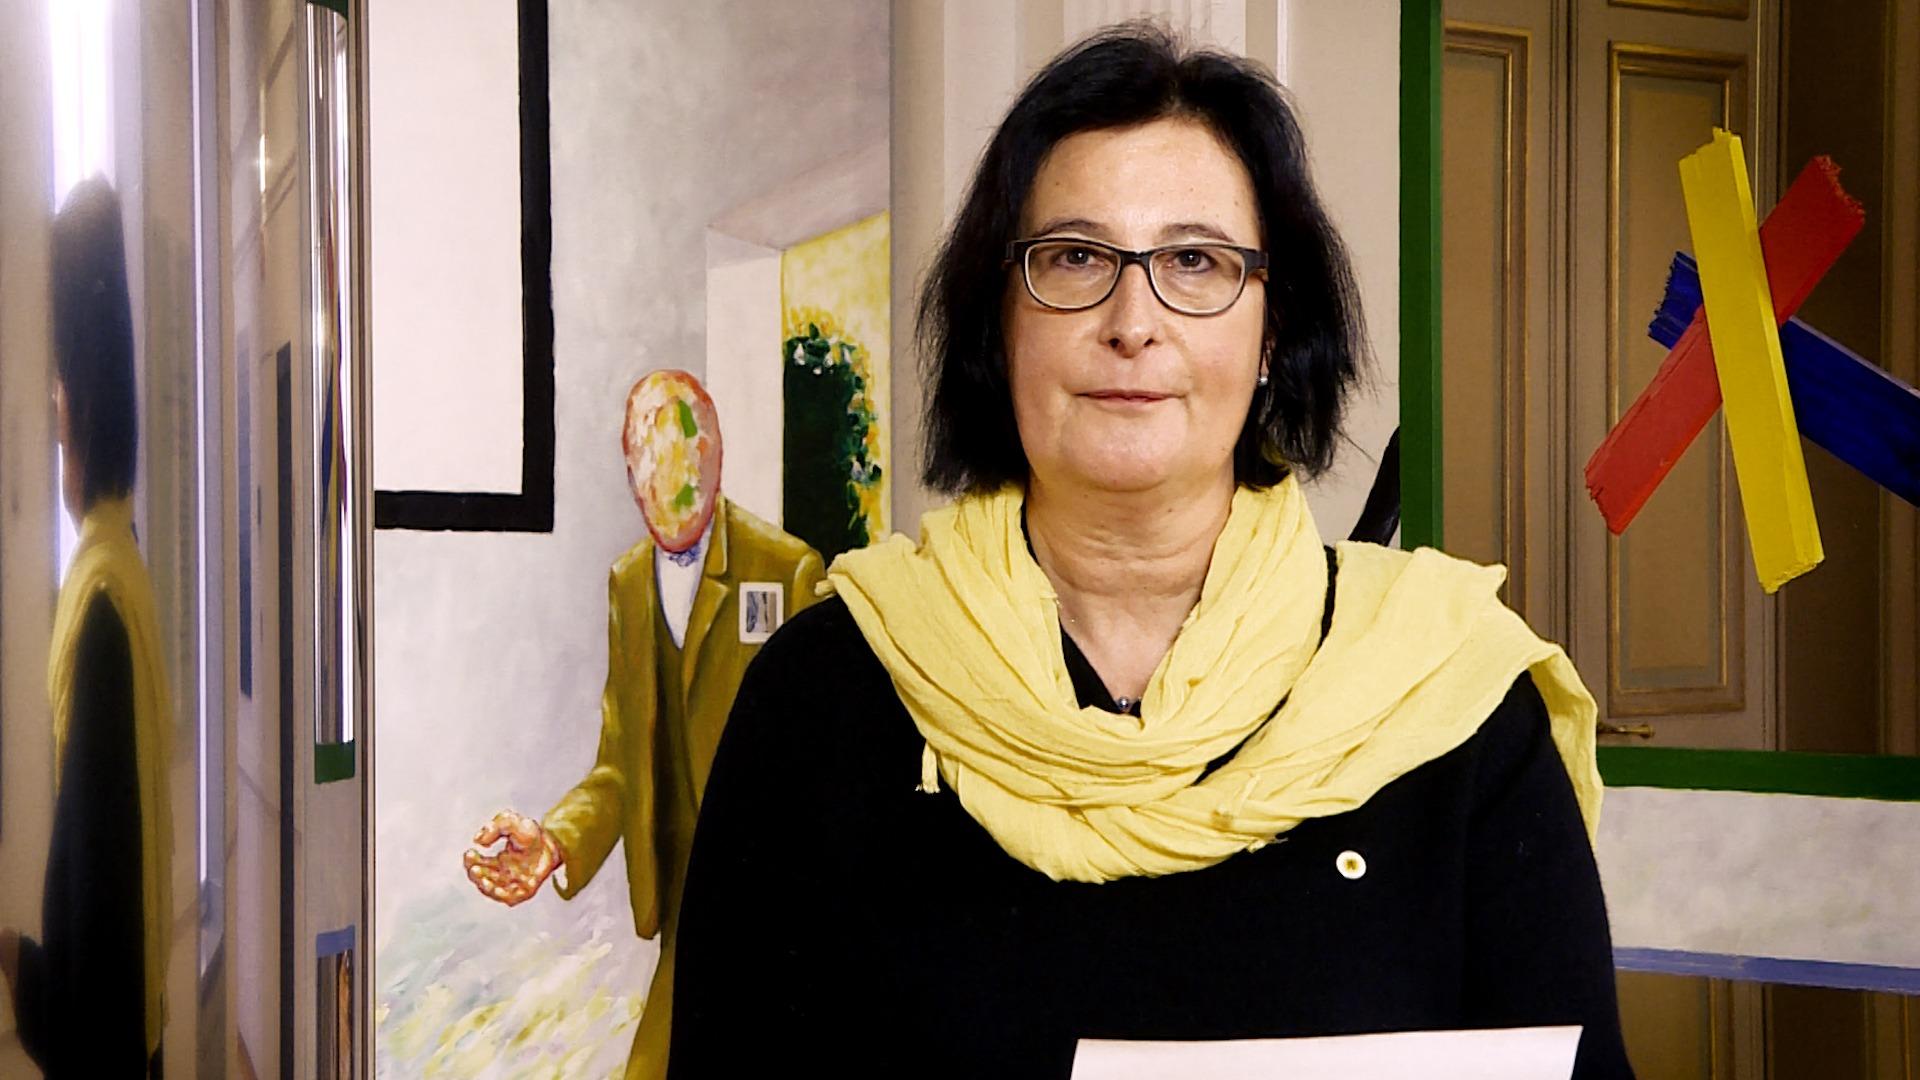 Poëzieweek 2019: Het gedicht van Ingeborg De Meulemeester